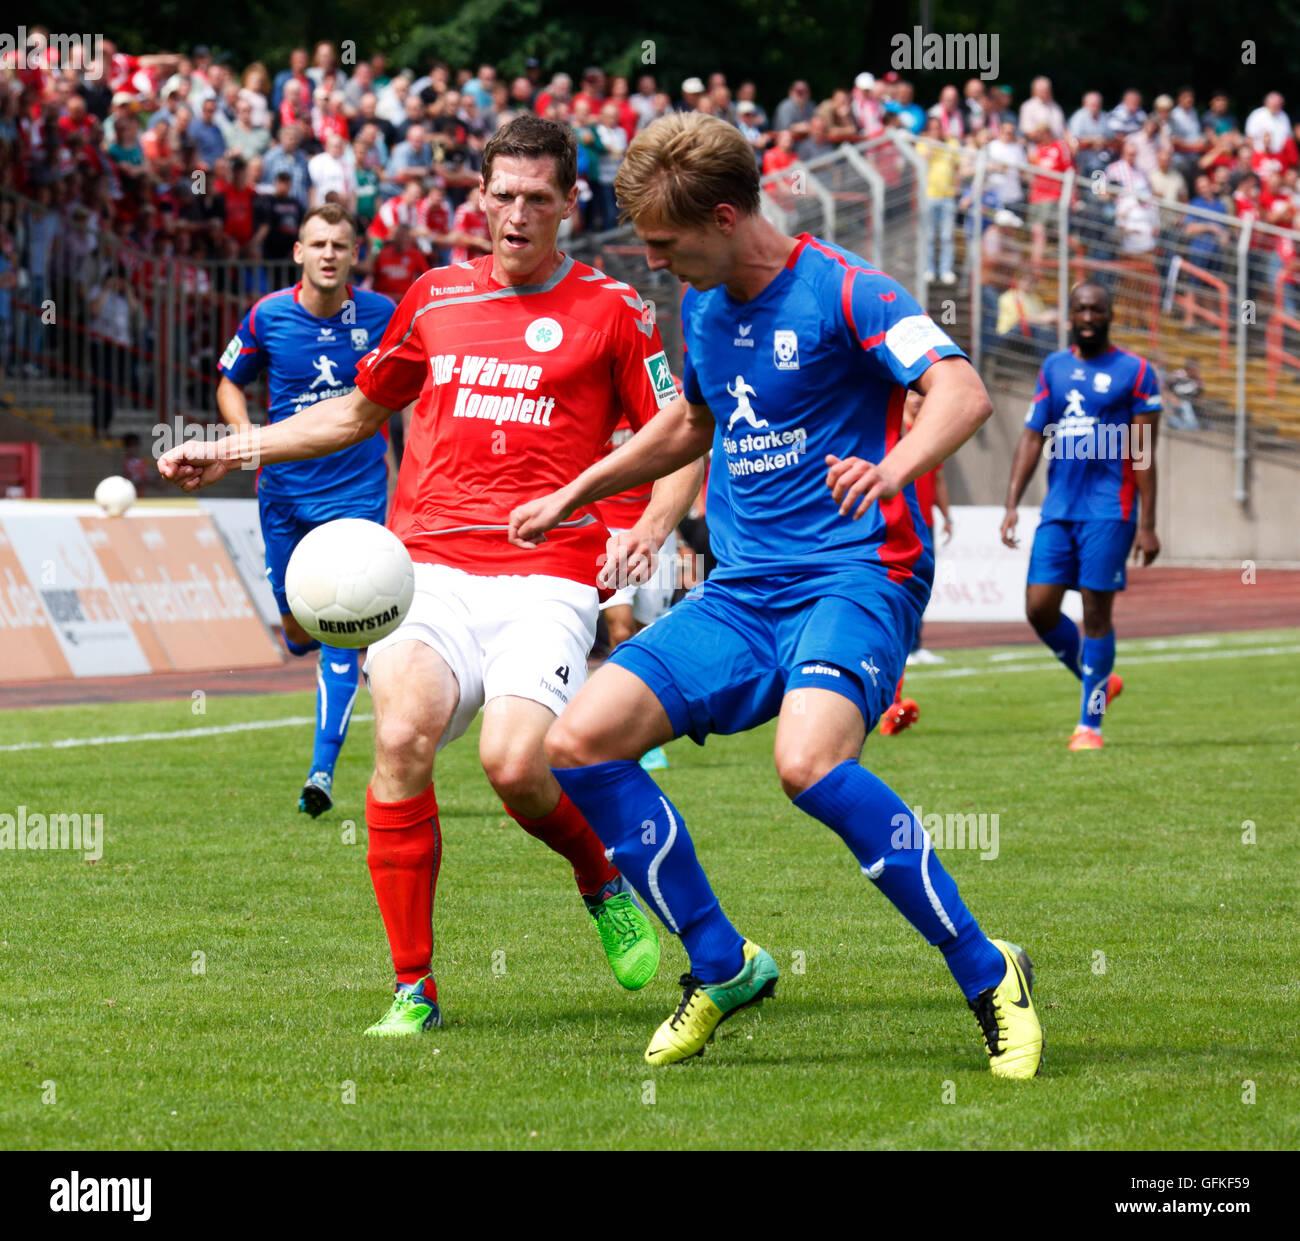 sports, football, Regional League West, 2016/2017, Rot Weiss Oberhausen versus Rot Weiss Ahlen 0:4, Stadium Niederrhein - Stock Image